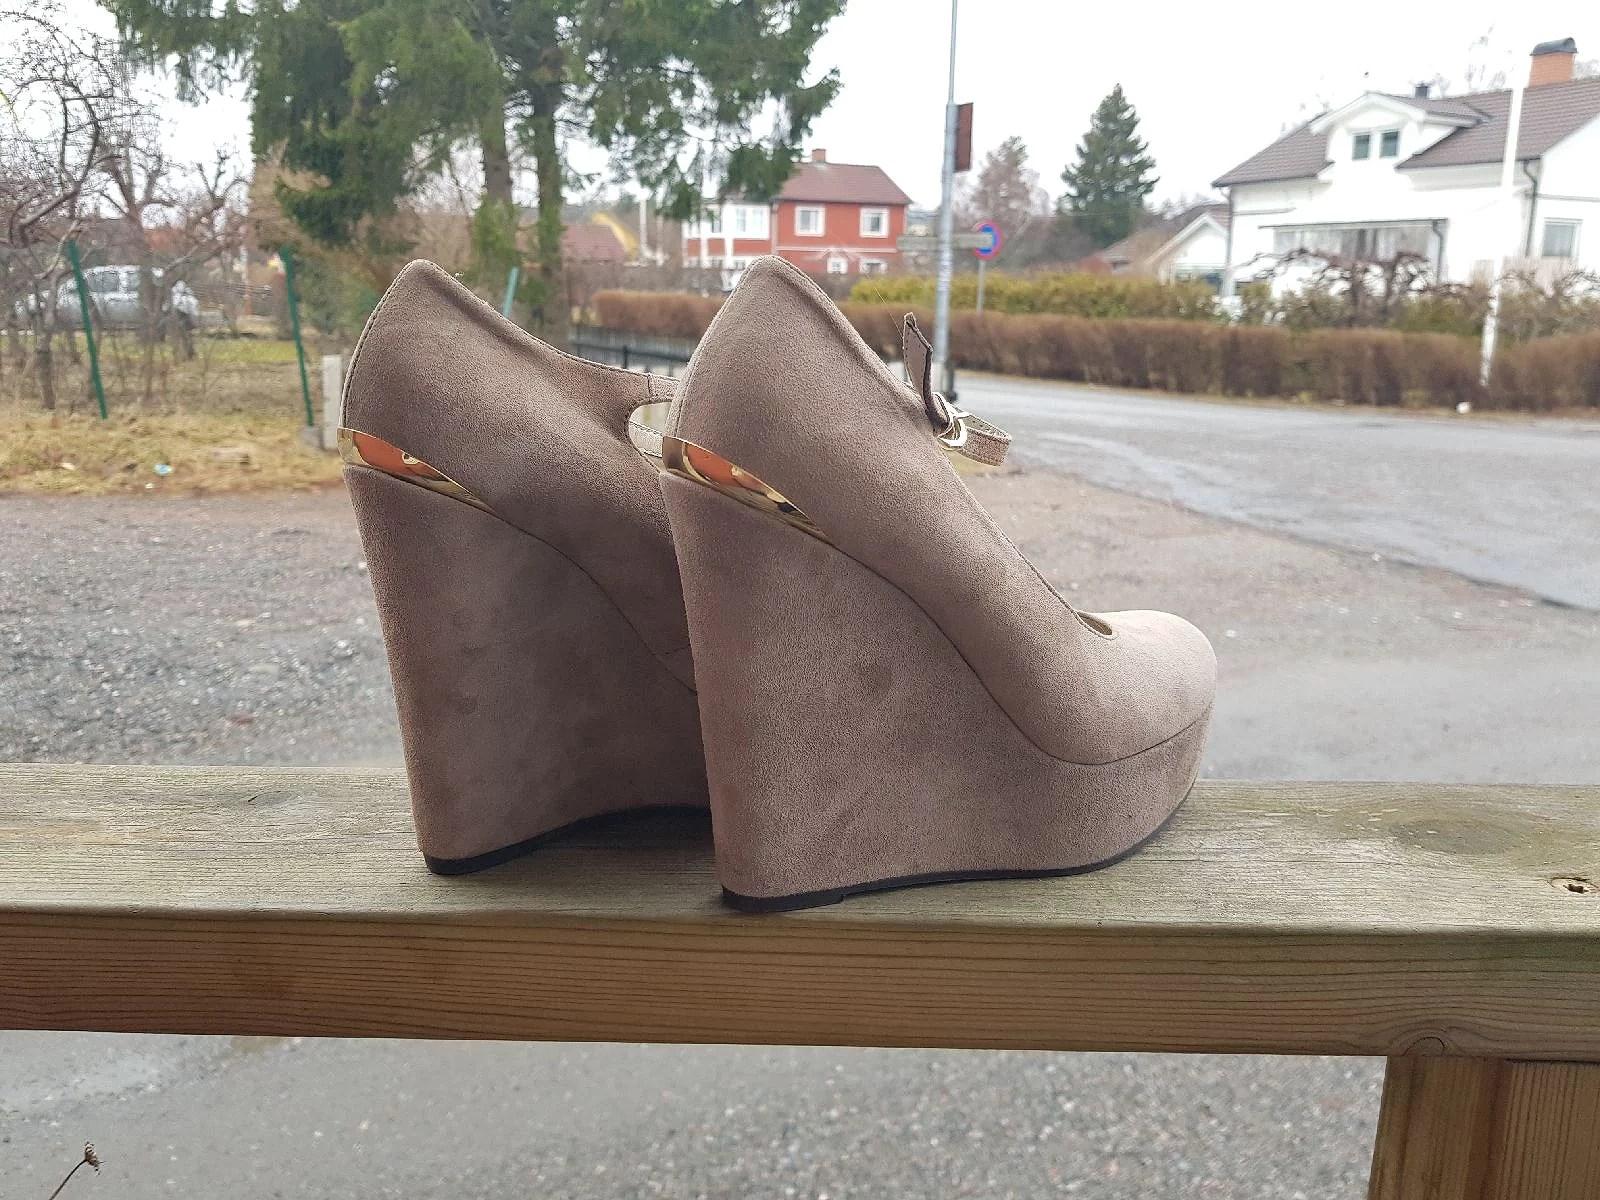 Nygamla skor